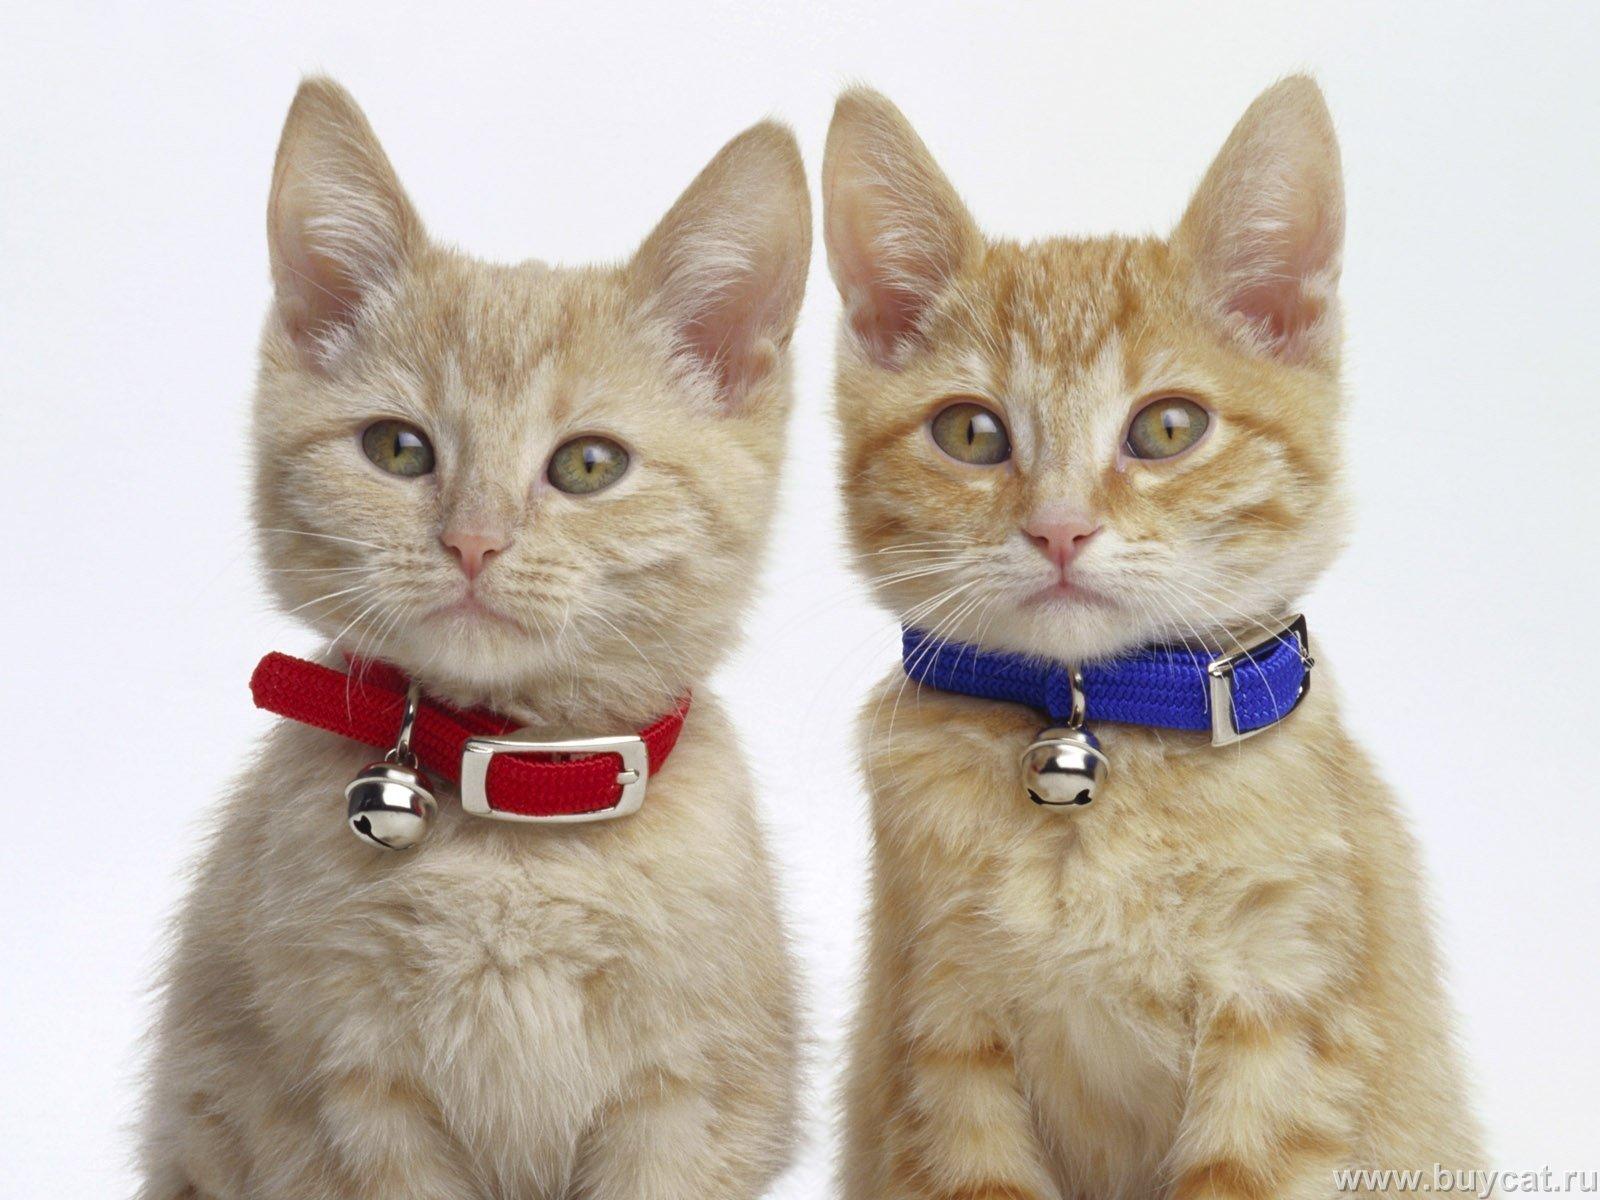 صوره احدث صور قطط , قطه شيرازي للتربيه